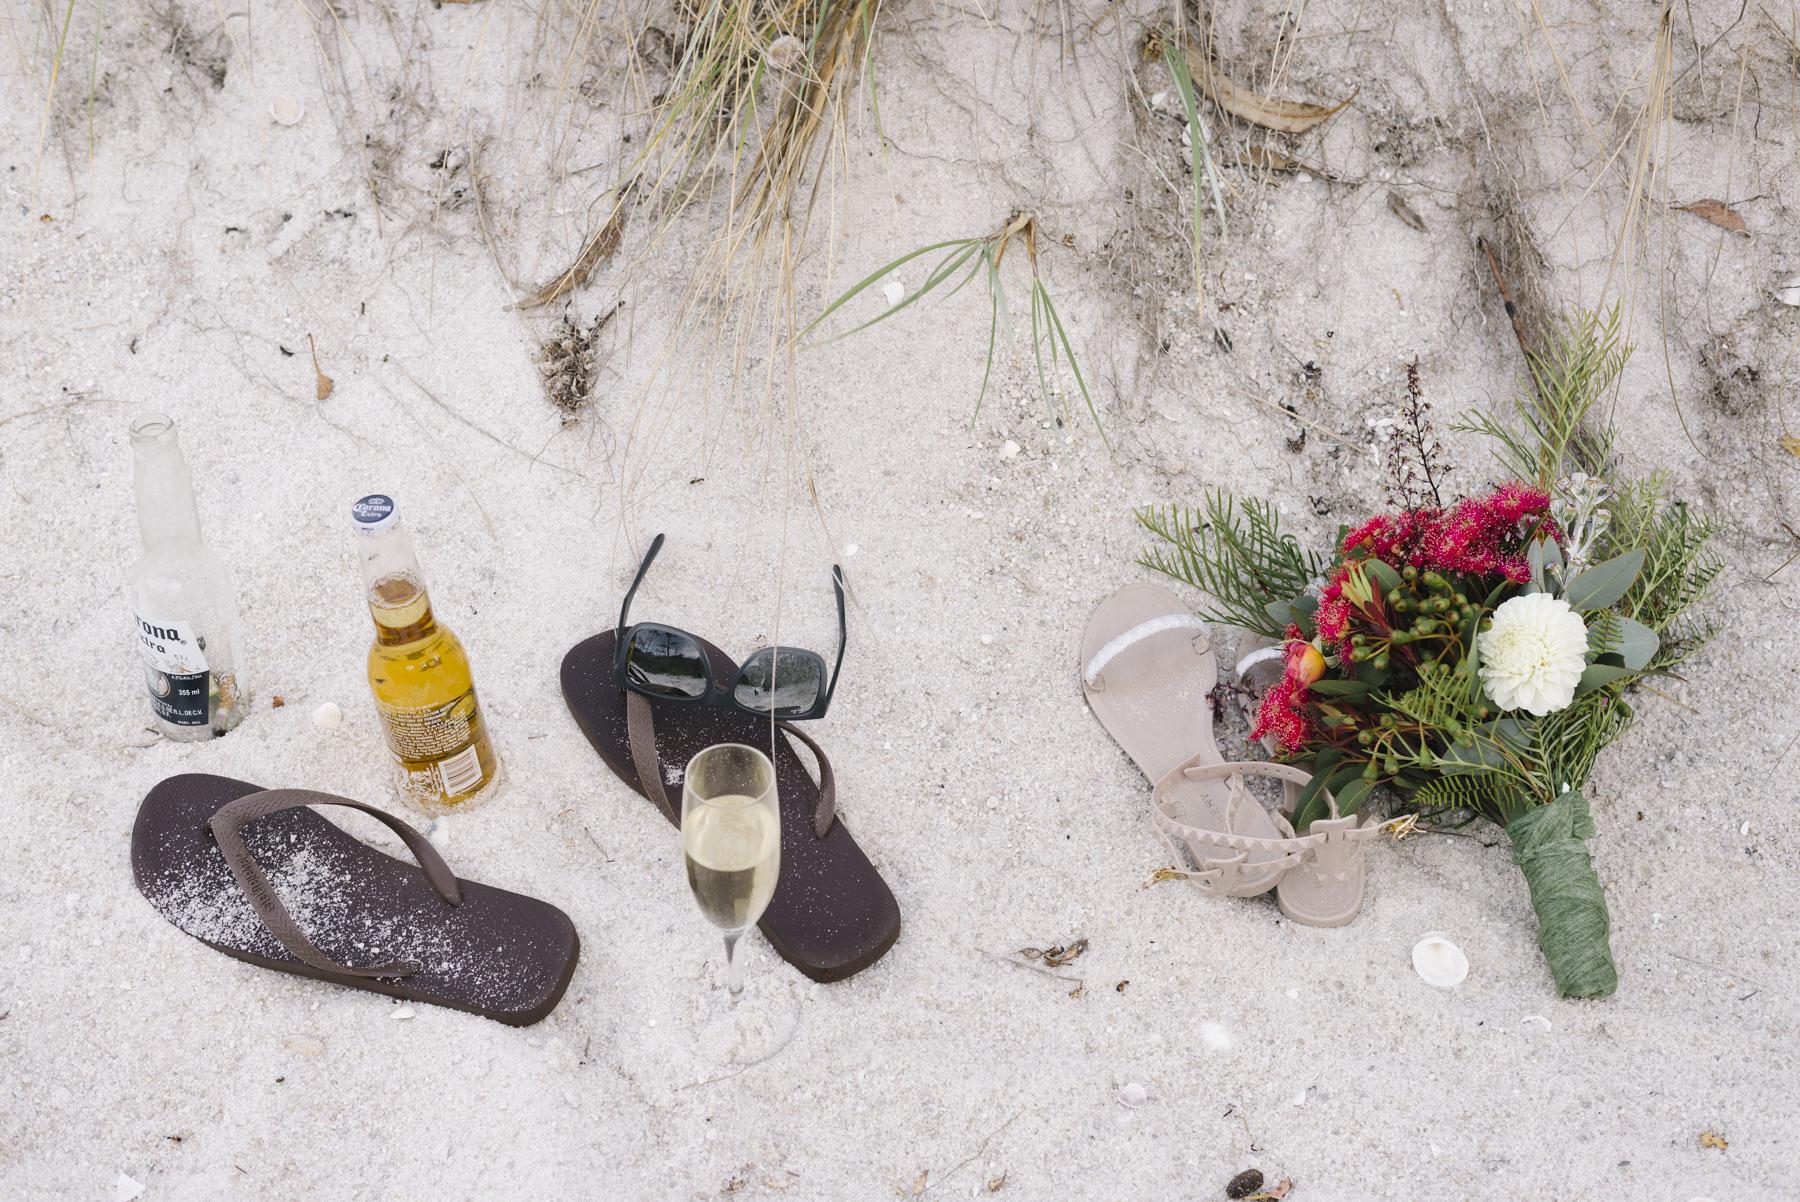 1501curchill-330alan_moyle_wedding_portrait_brighton_bayside_bay_of_fires_rustic_styled_rustic_beach_candid_documentry_binalongbay_tasmania_destination.jpg